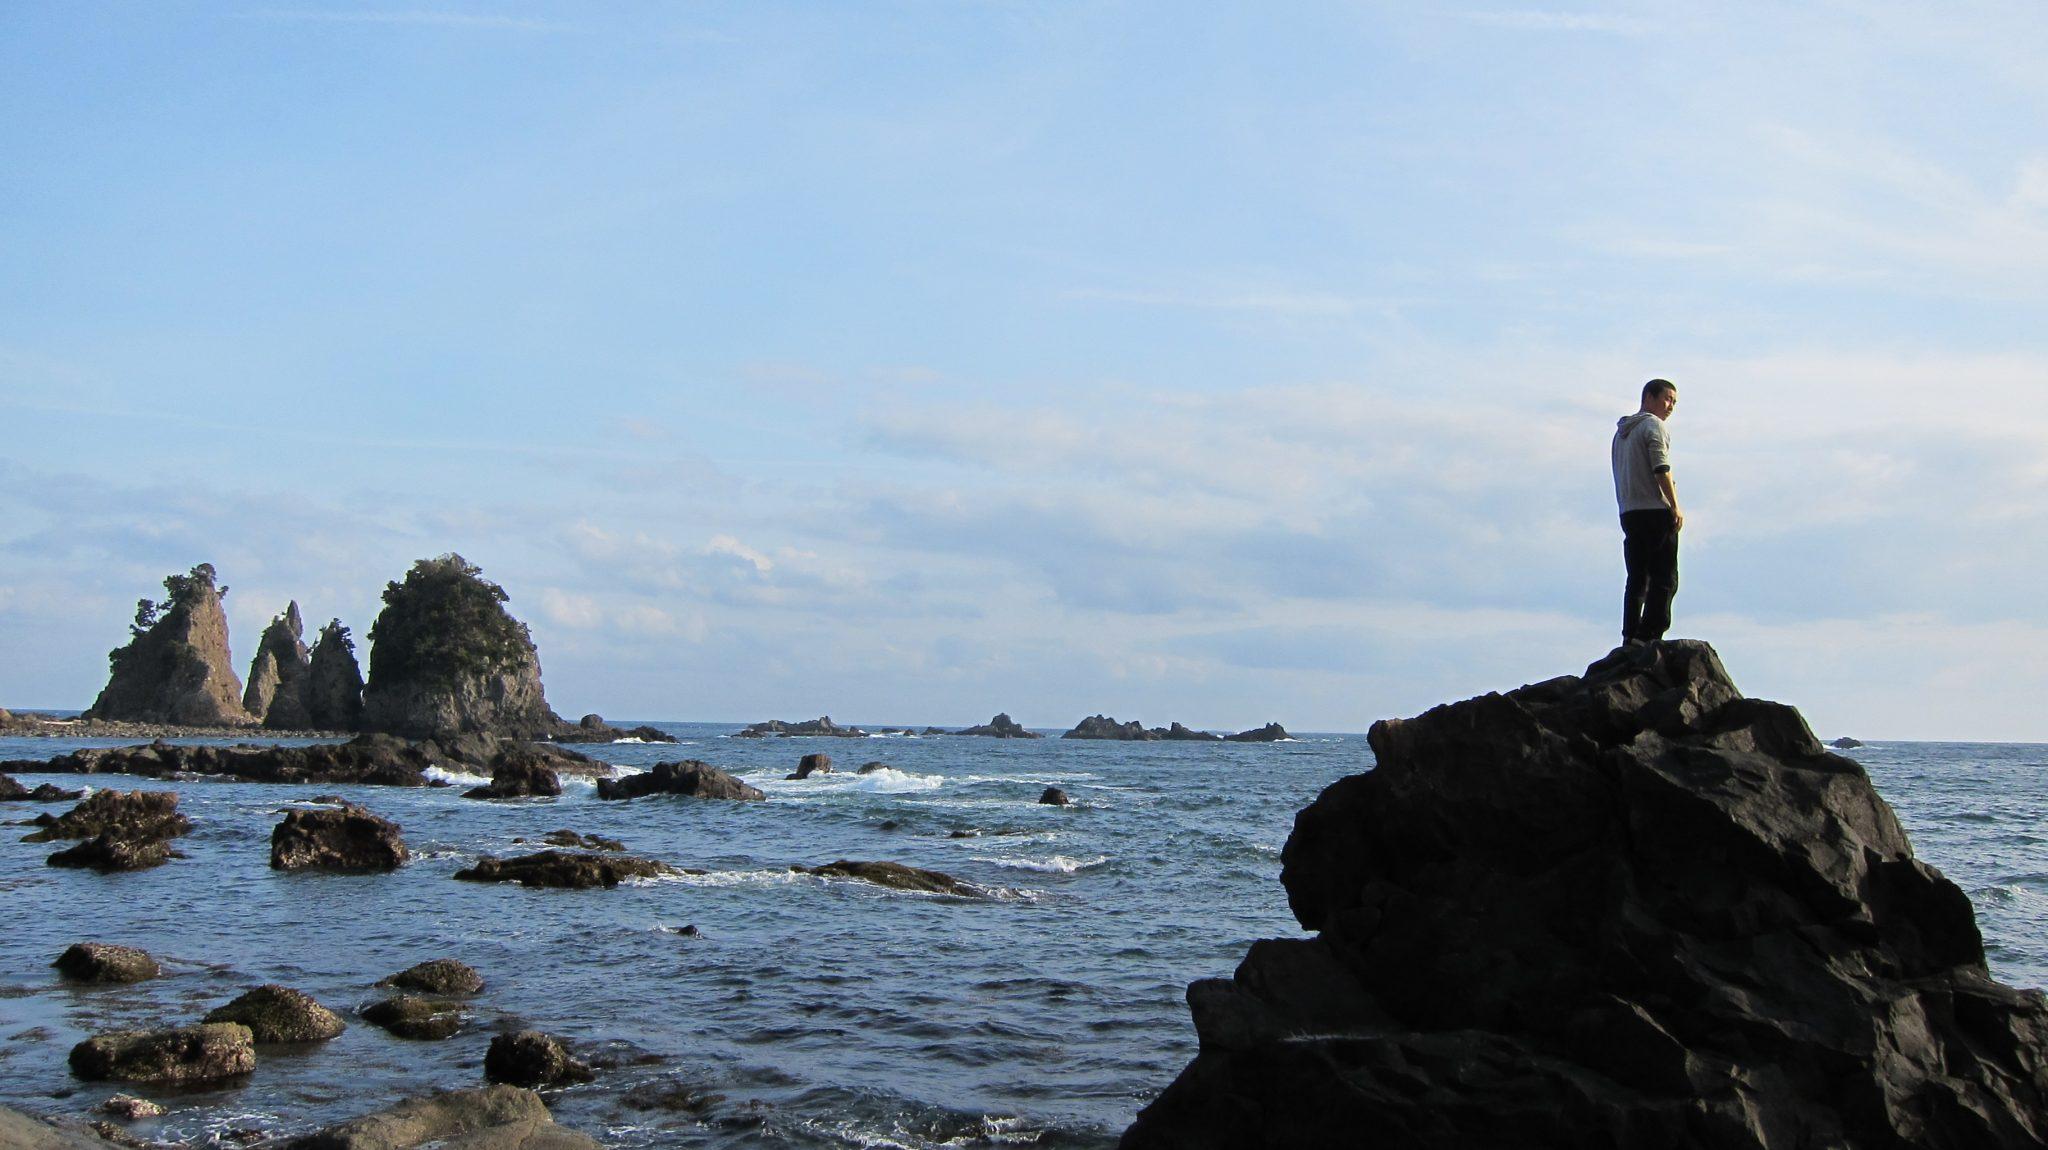 Site seeing in Minami Izu